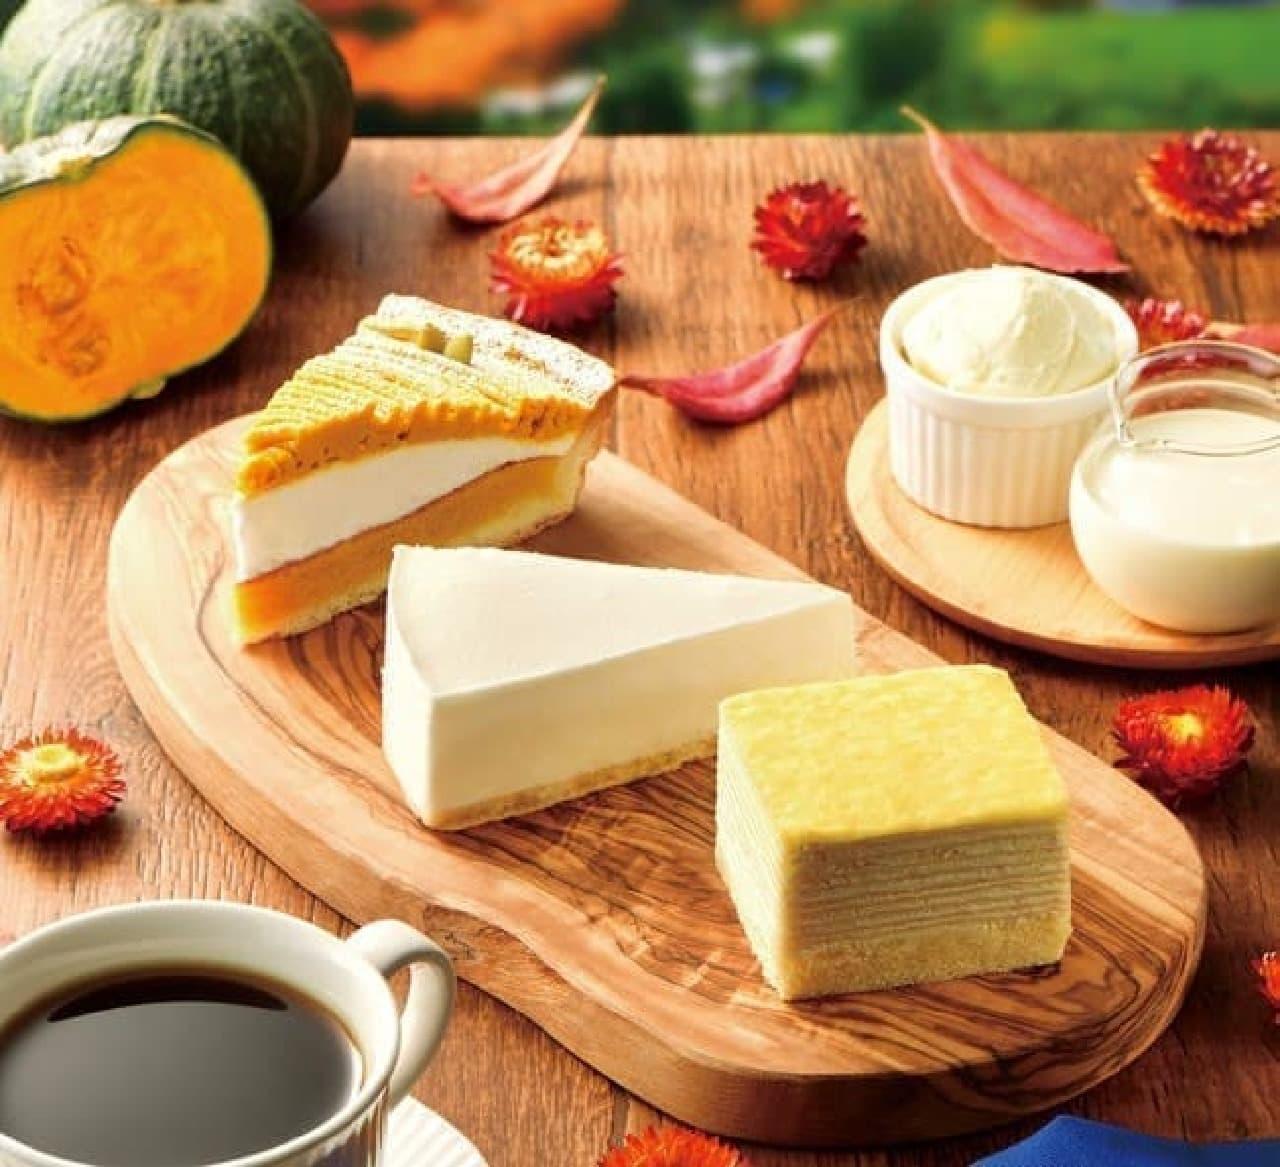 カフェ・ド・クリエ「もっちりミルクレープ~北海道産 生クリーム使用~」「北海道産クリームチーズケーキ」「かぼちゃのタルト」